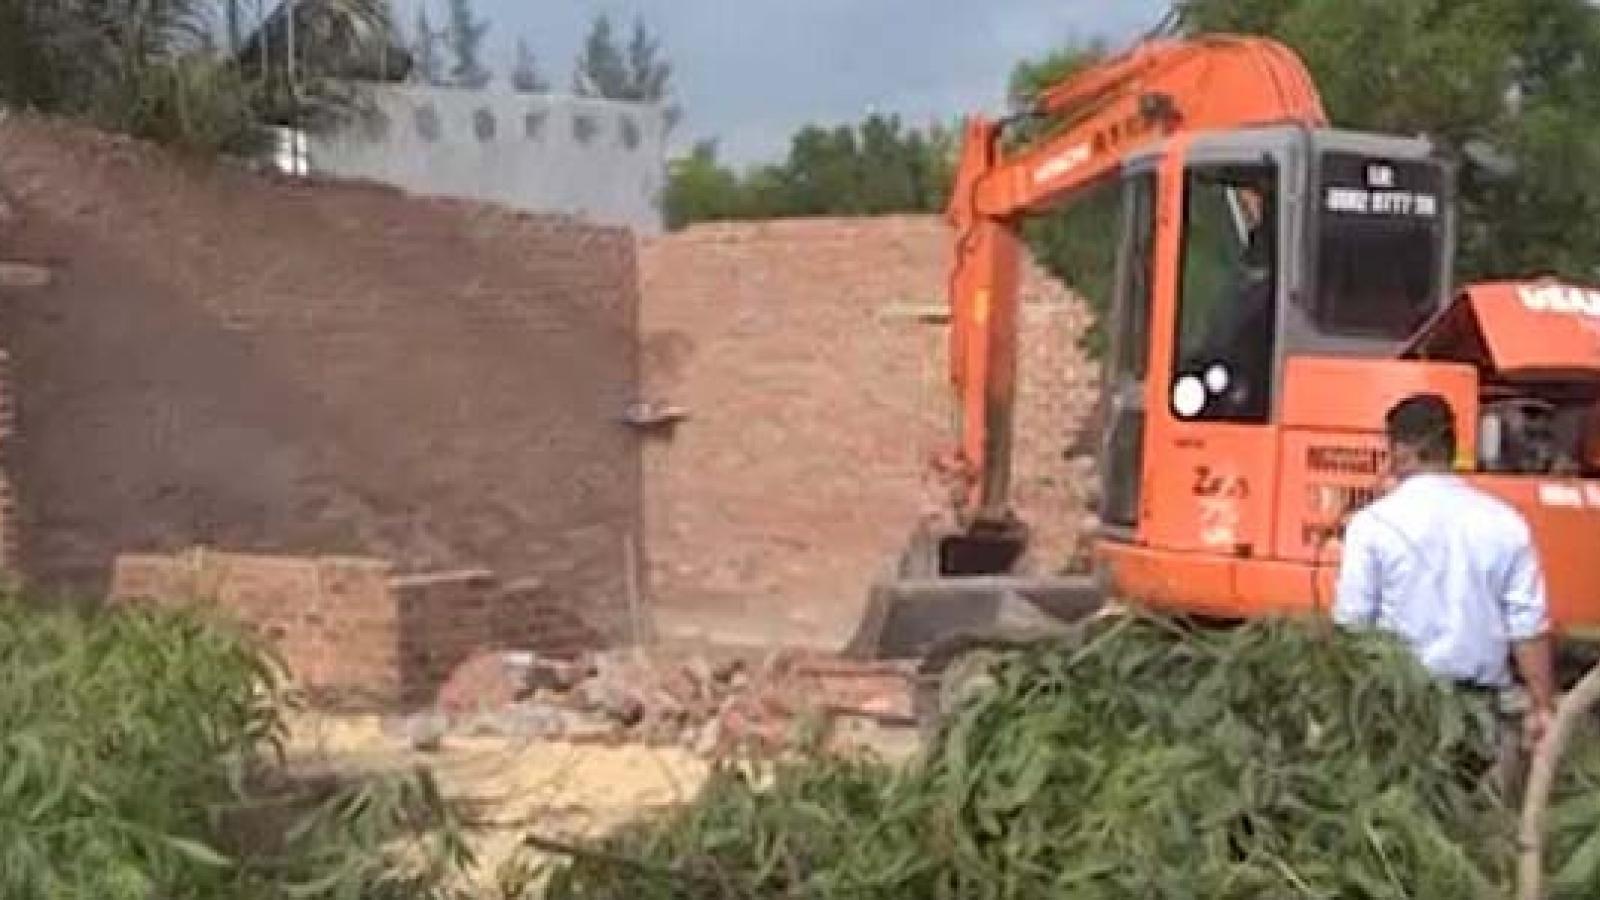 Tháo dỡ 14 trường hợp lấn chiếm đất Khu Kinh tế Nhơn Hội